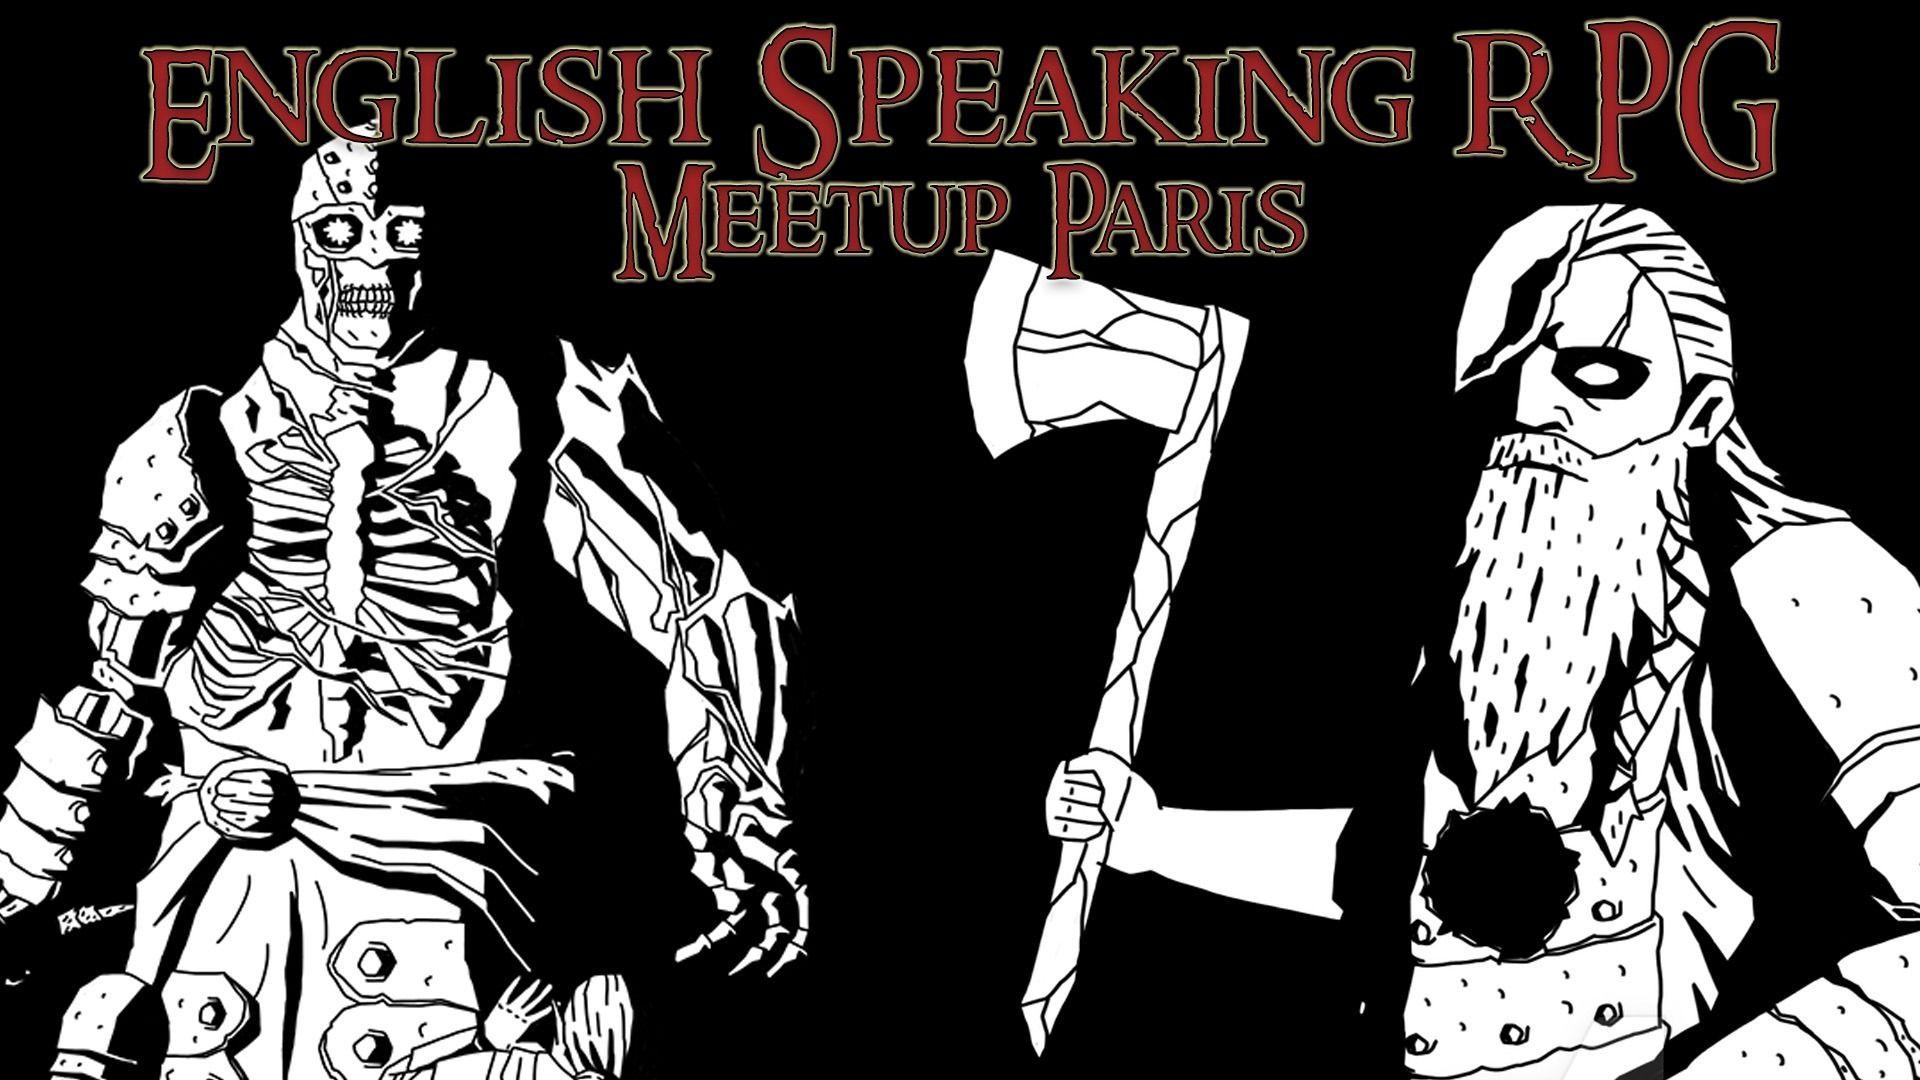 English Speaking RPG Meetup Paris